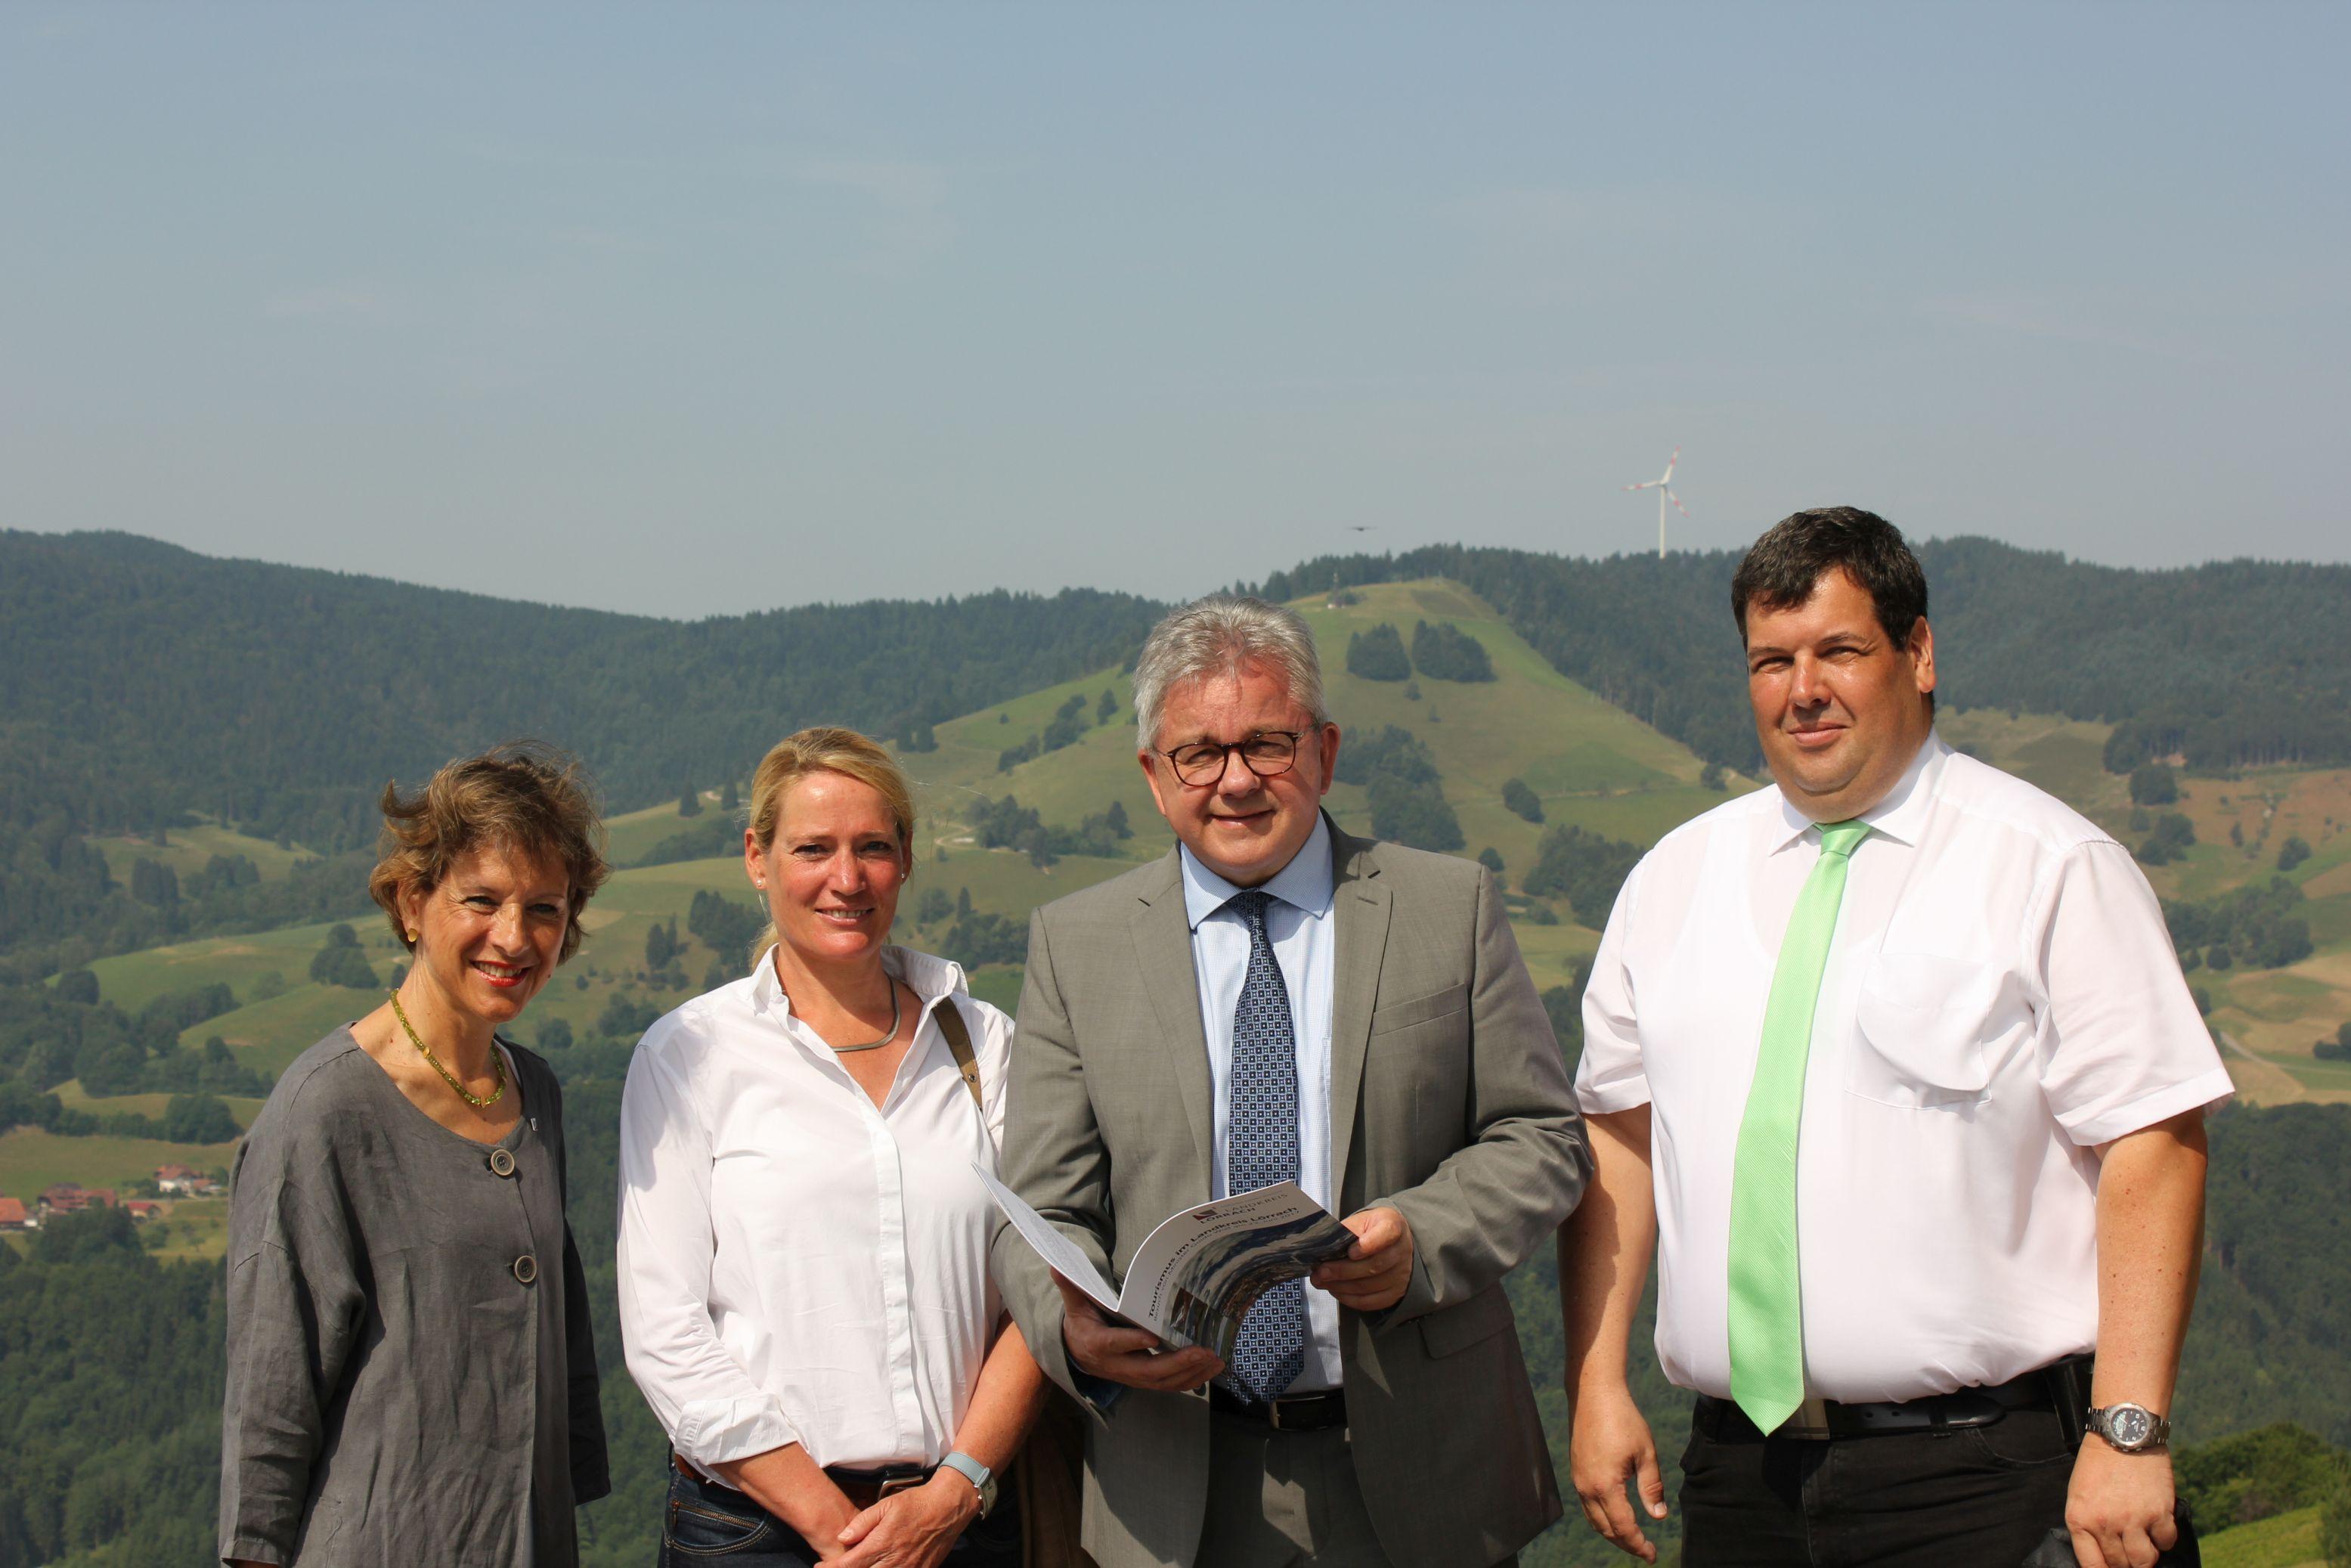 Landesjustizminister Guido Wolf am Aussichtspunkt Holzer Kreuz in Fröhnd